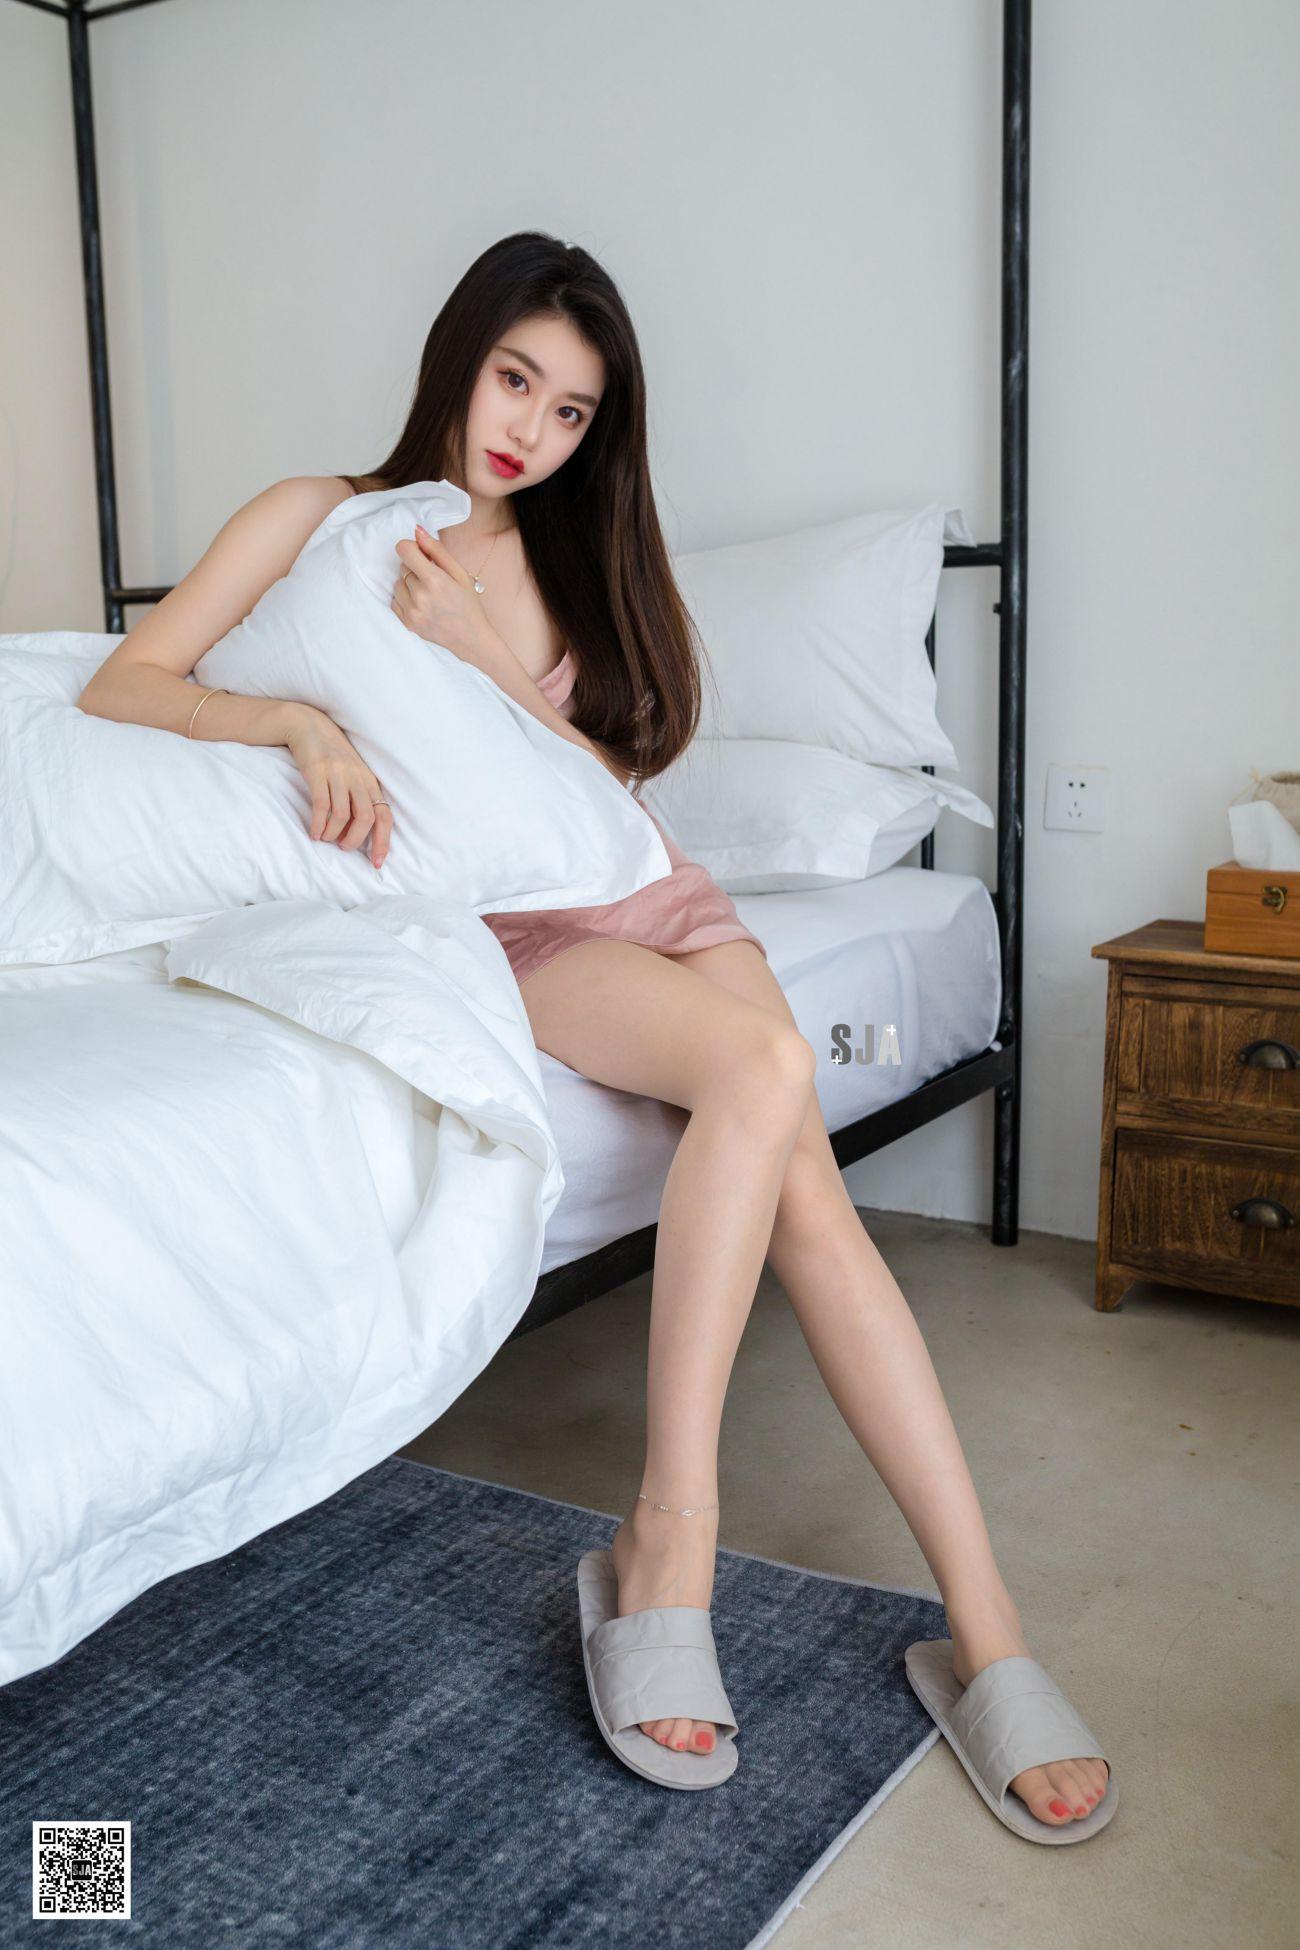 閨蜜視角 SJA佳爺 宅 [65P] - 貼圖 - 絲襪美腿 -